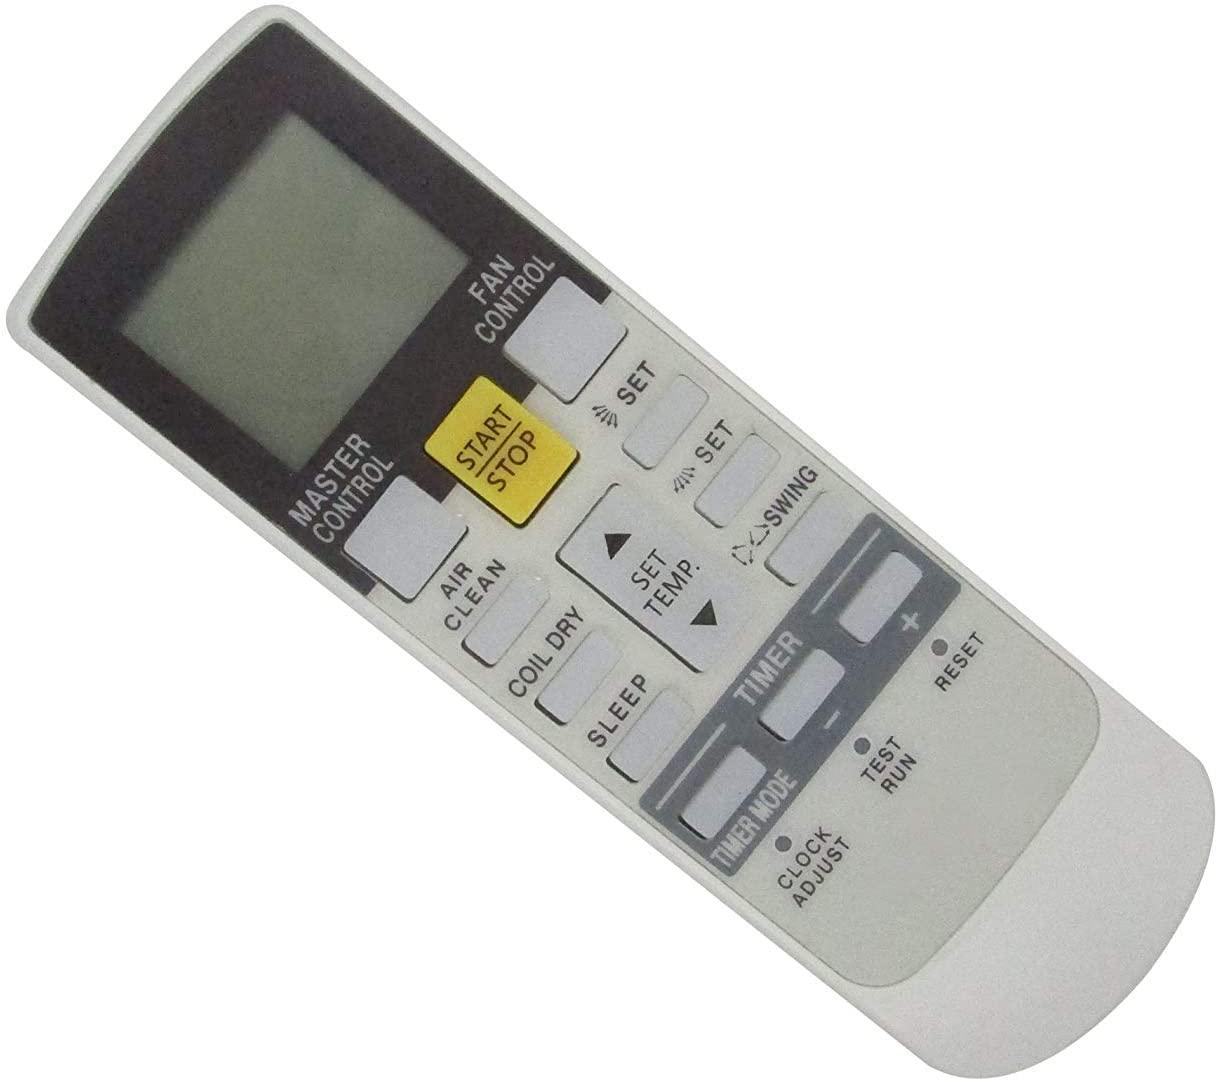 Remote Control for Fujitsu ASU24CL1 ASU24RLQ ASU24RLCQ ASU24RLXS ASU18CL ASU24CL ABTA54LCTU AOTA54LATT AGYV14LAC ASU9RMLQ AGYV12LAC ASU12RMLQ Room Air Conditioner